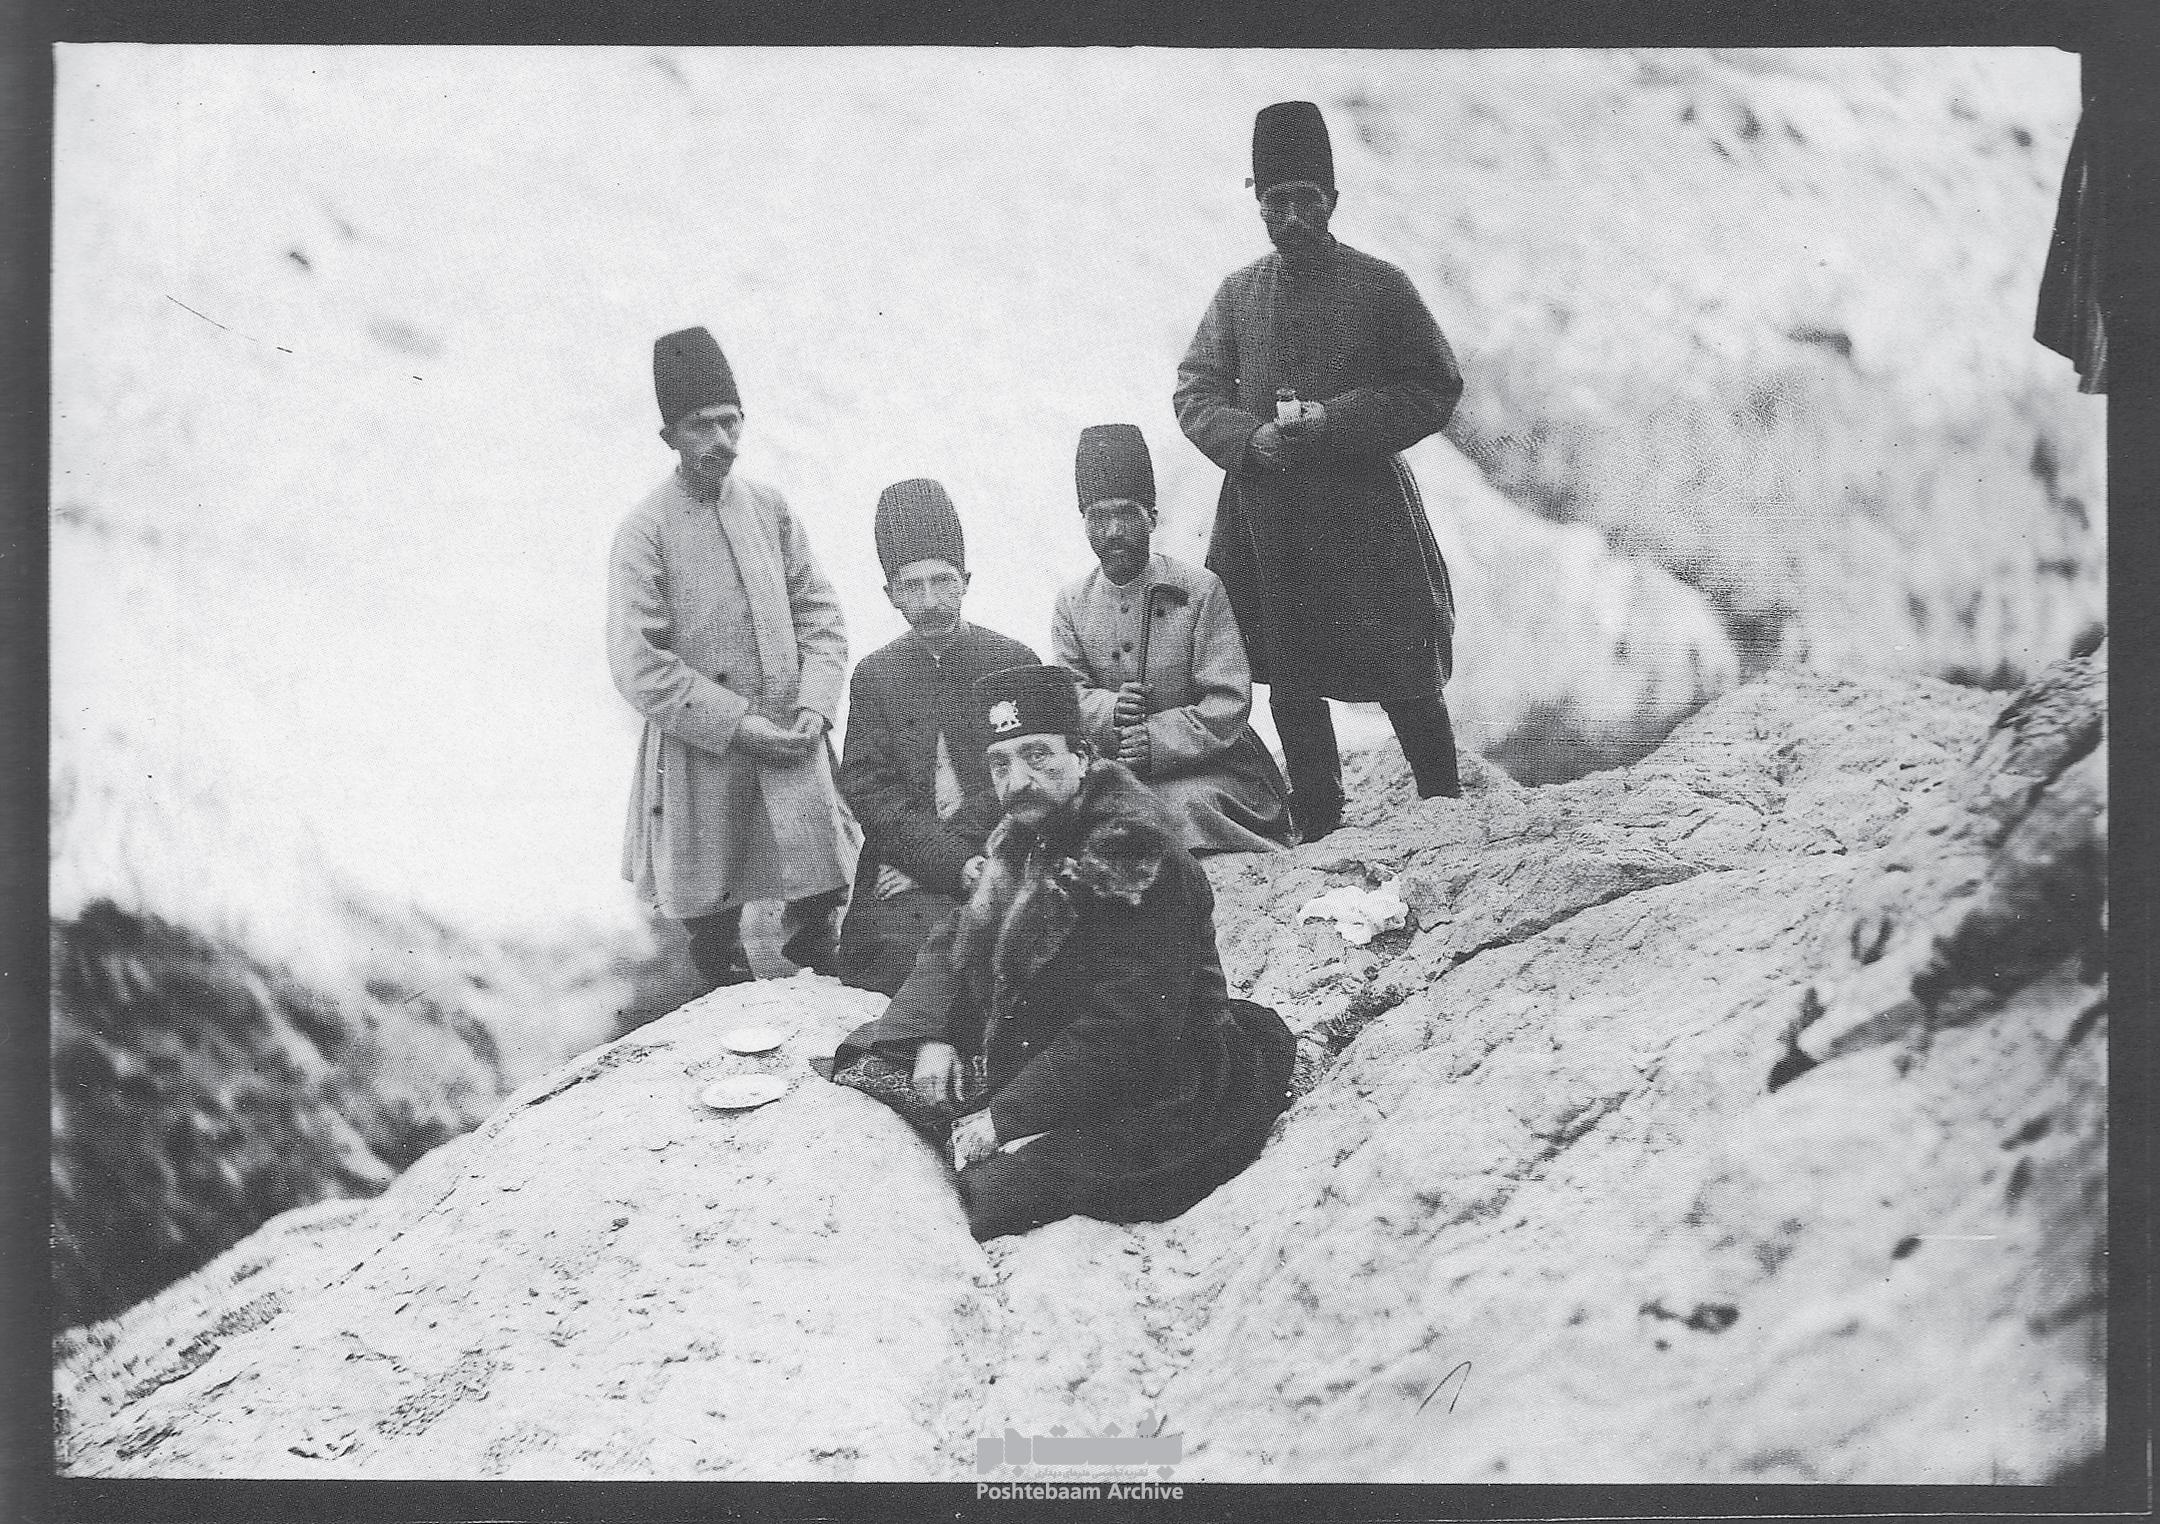 سلطان صاحبقران یا ناصرالدینشاه قاجار ( ۱۲۱۰ – ۱۲۷۵)